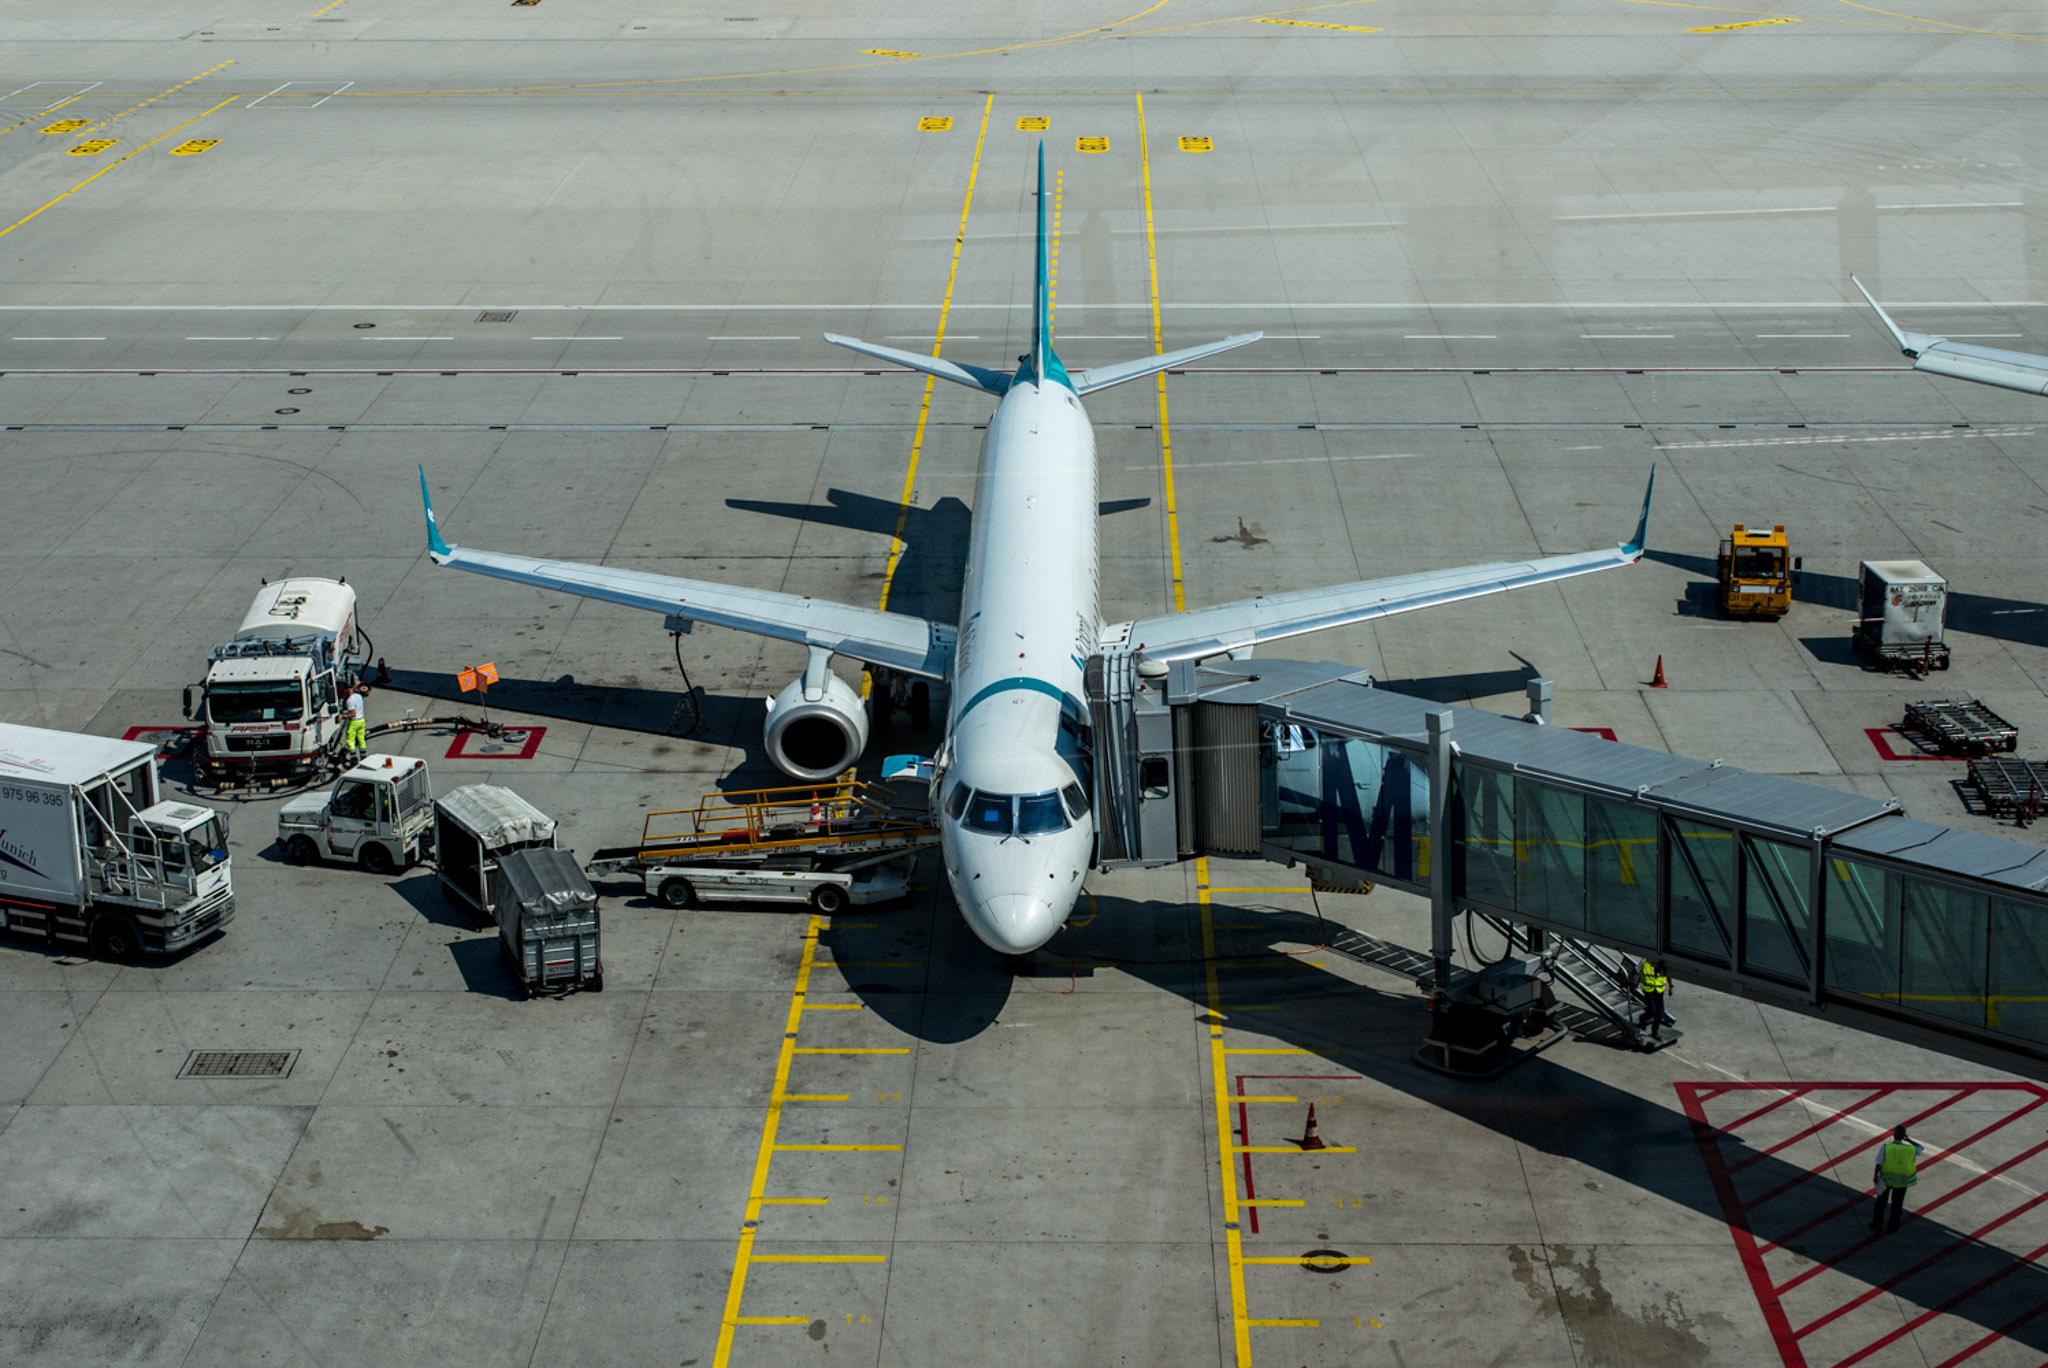 Flugzeug (Foto: Niklas Neubauer)